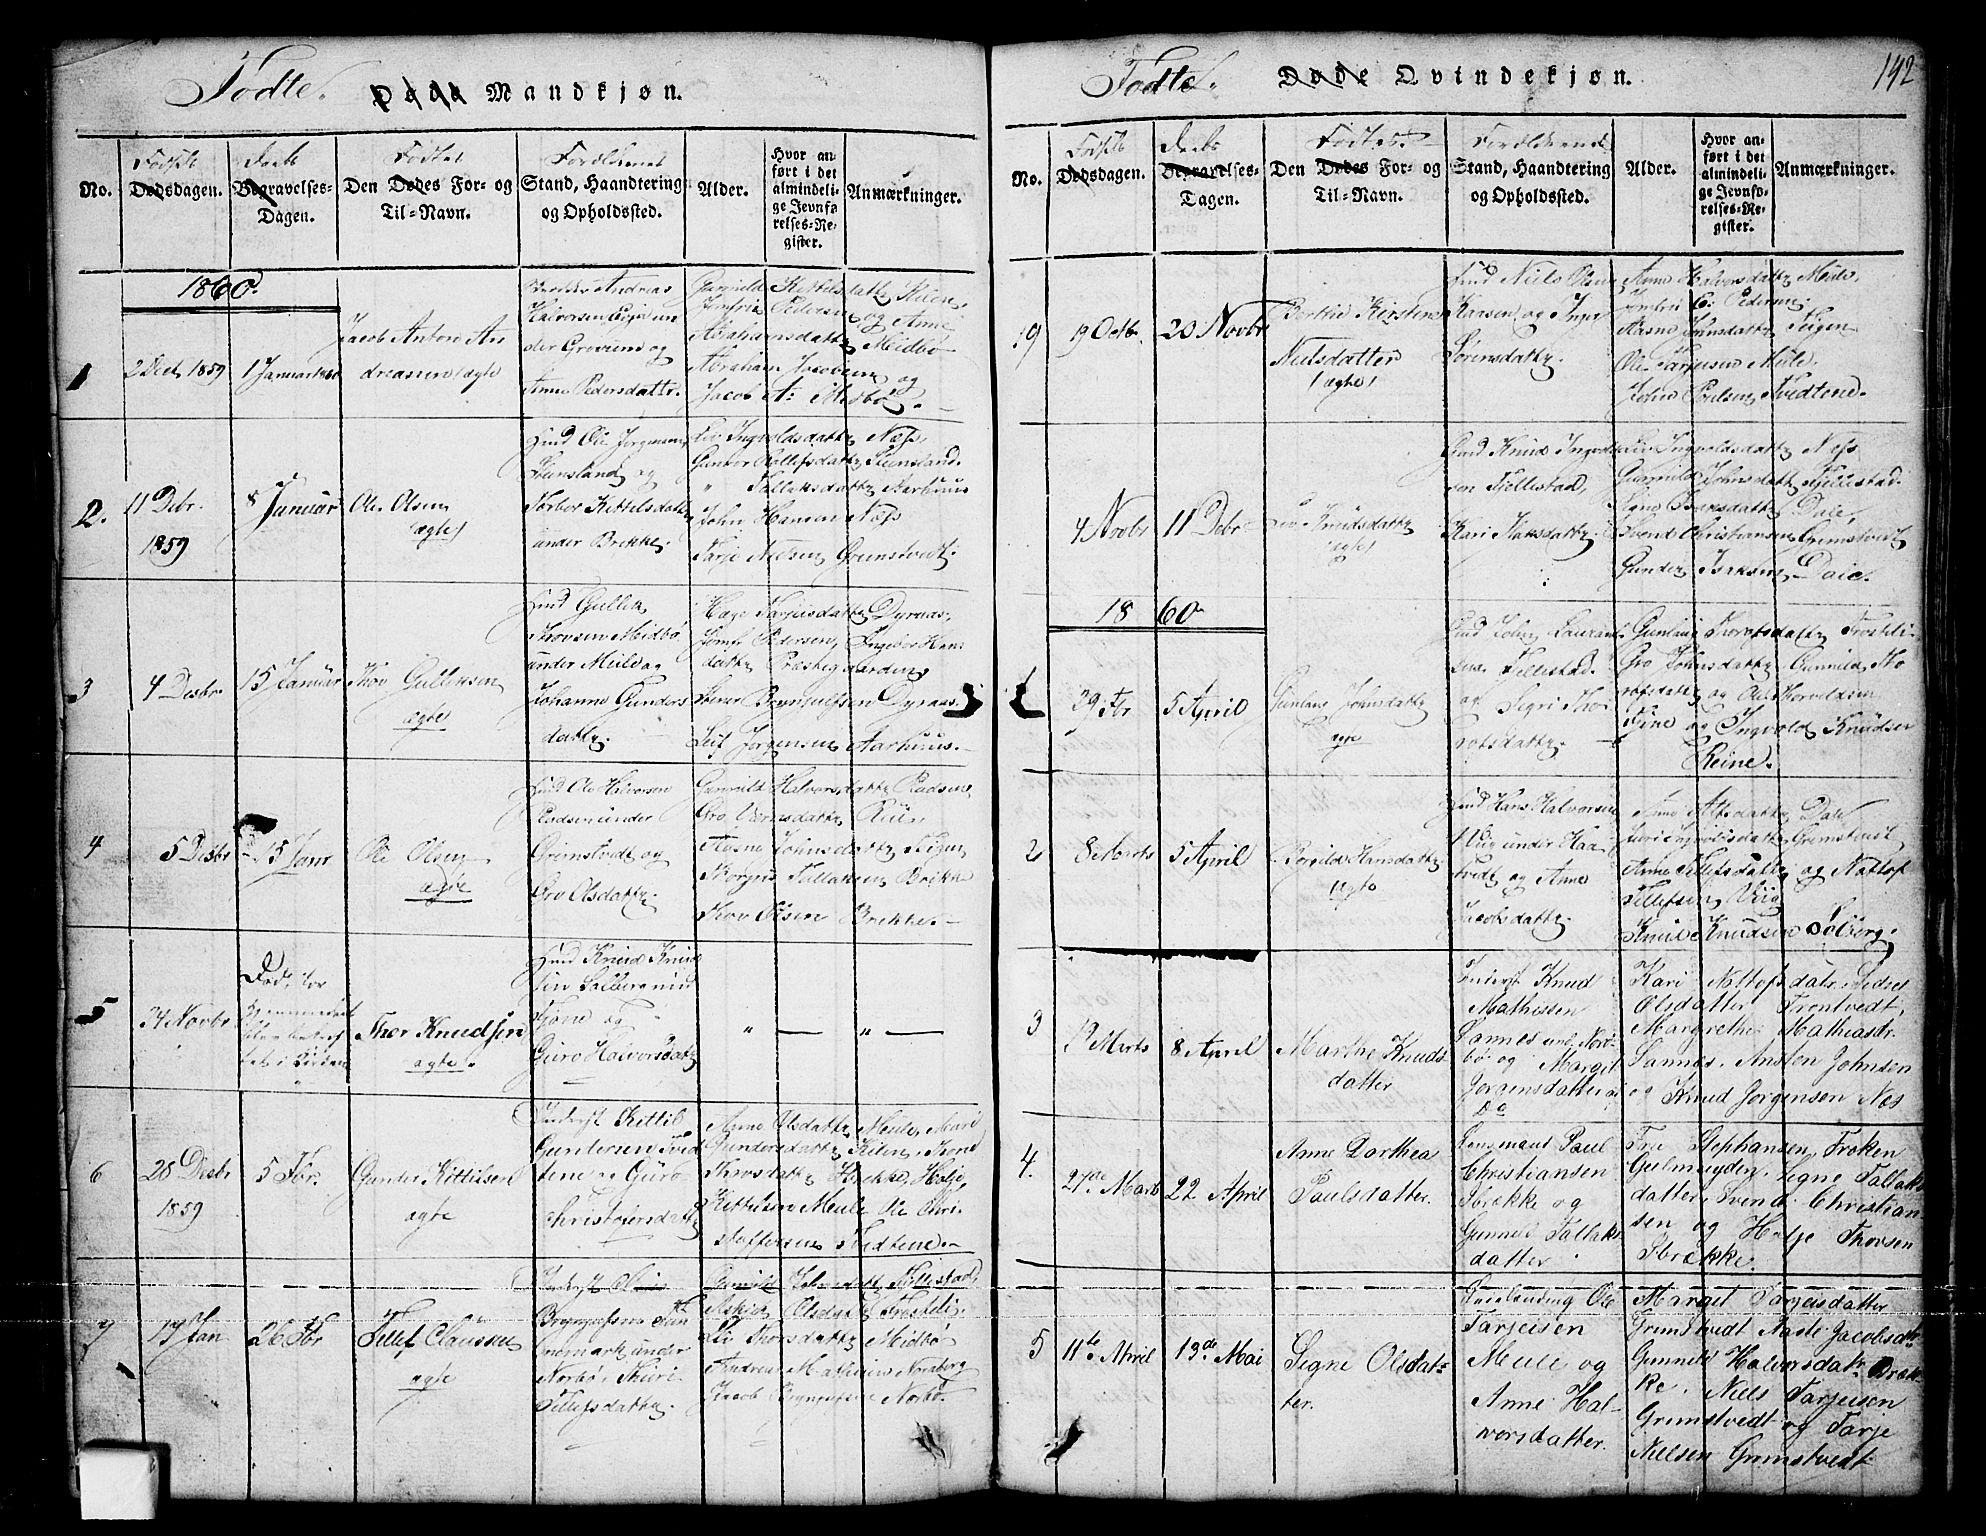 SAKO, Nissedal kirkebøker, G/Ga/L0001: Klokkerbok nr. I 1, 1814-1860, s. 142